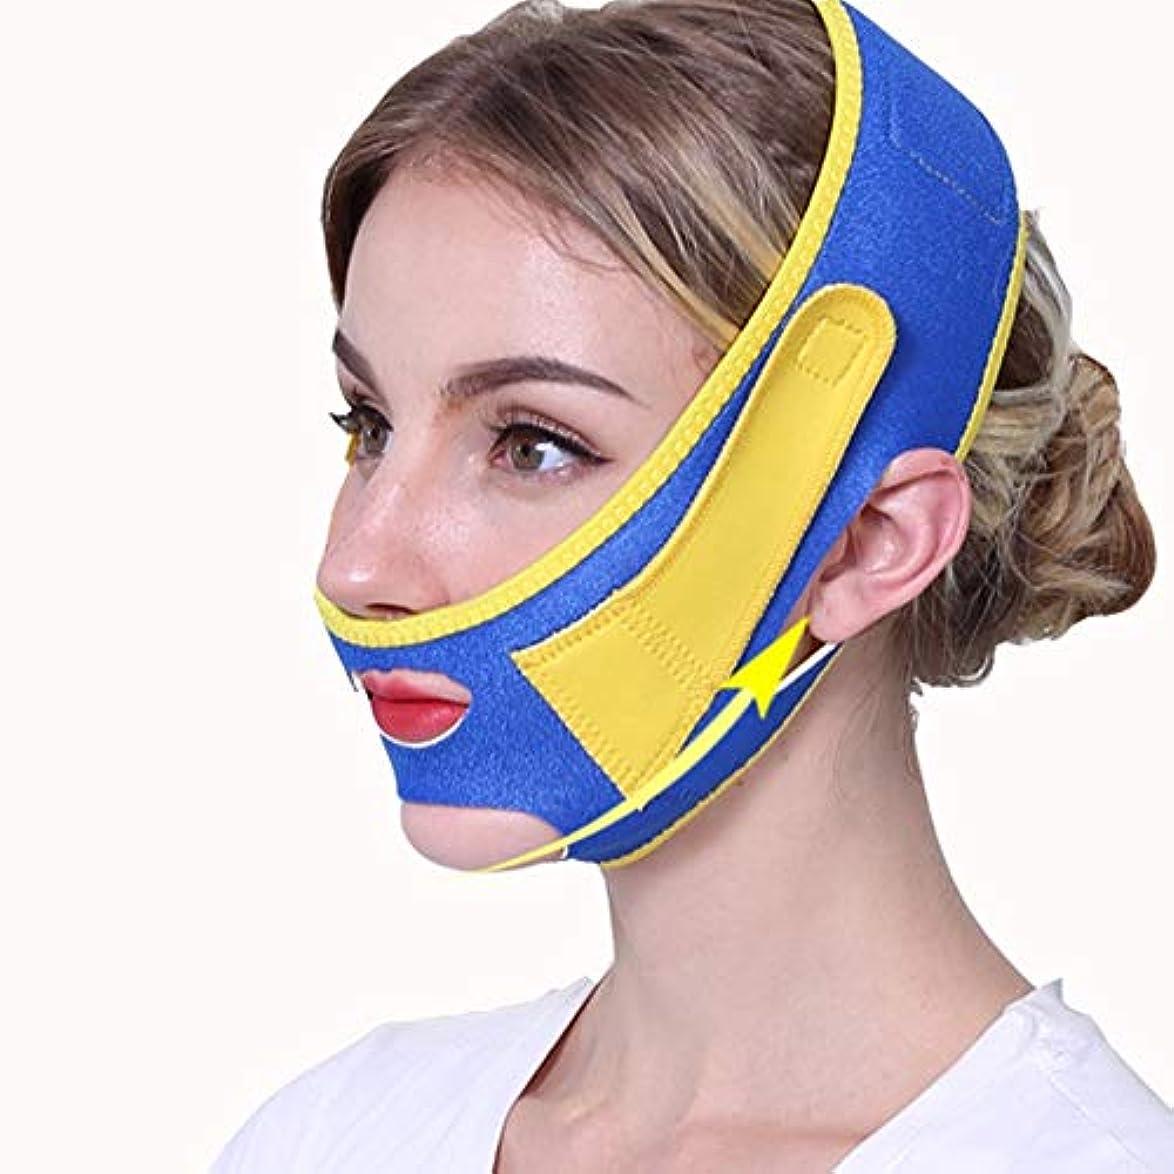 ファセットスタッフ完全に乾くフェイシャルリフティング痩身ベルトフェイス包帯マスク整形マスクフェイスベルトを引き締める薄型フェイス包帯整形マスクフェイスと首の顔を引き締めスリム